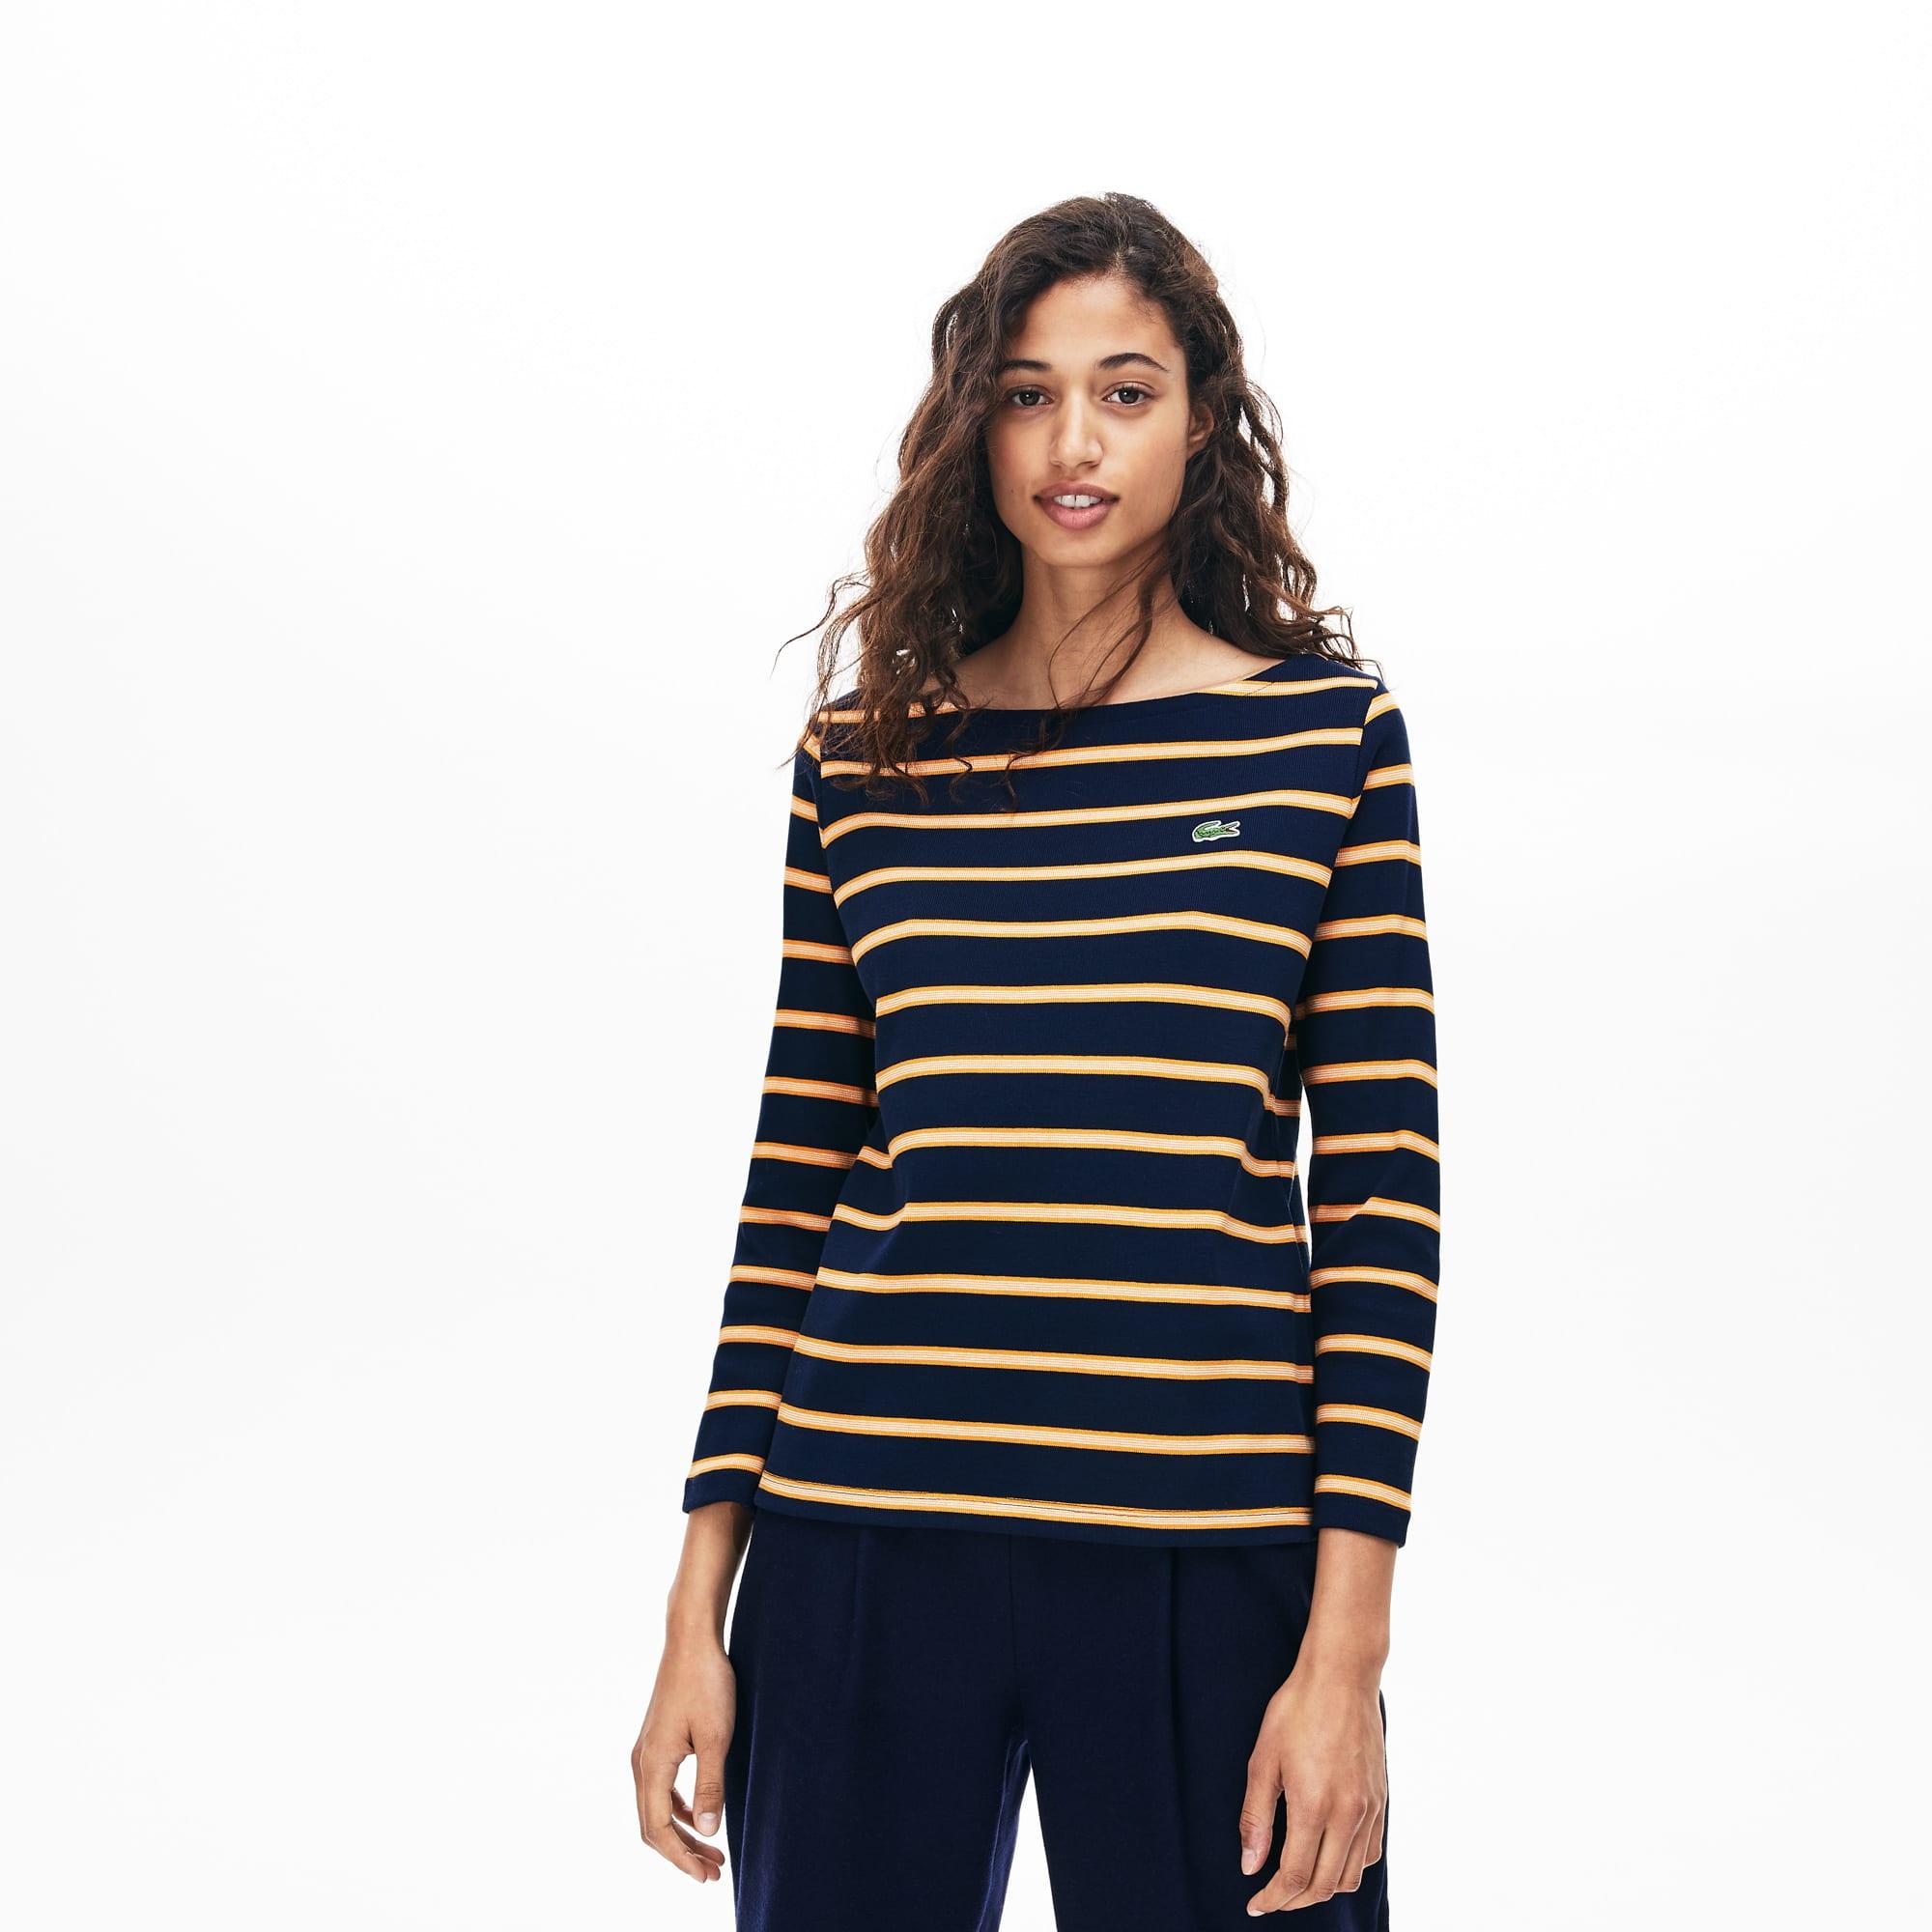 Lacoste Sweatshirt col bateau style marinière en coton côtelé Taille 38 Bleu Marine / Orange / Blanc